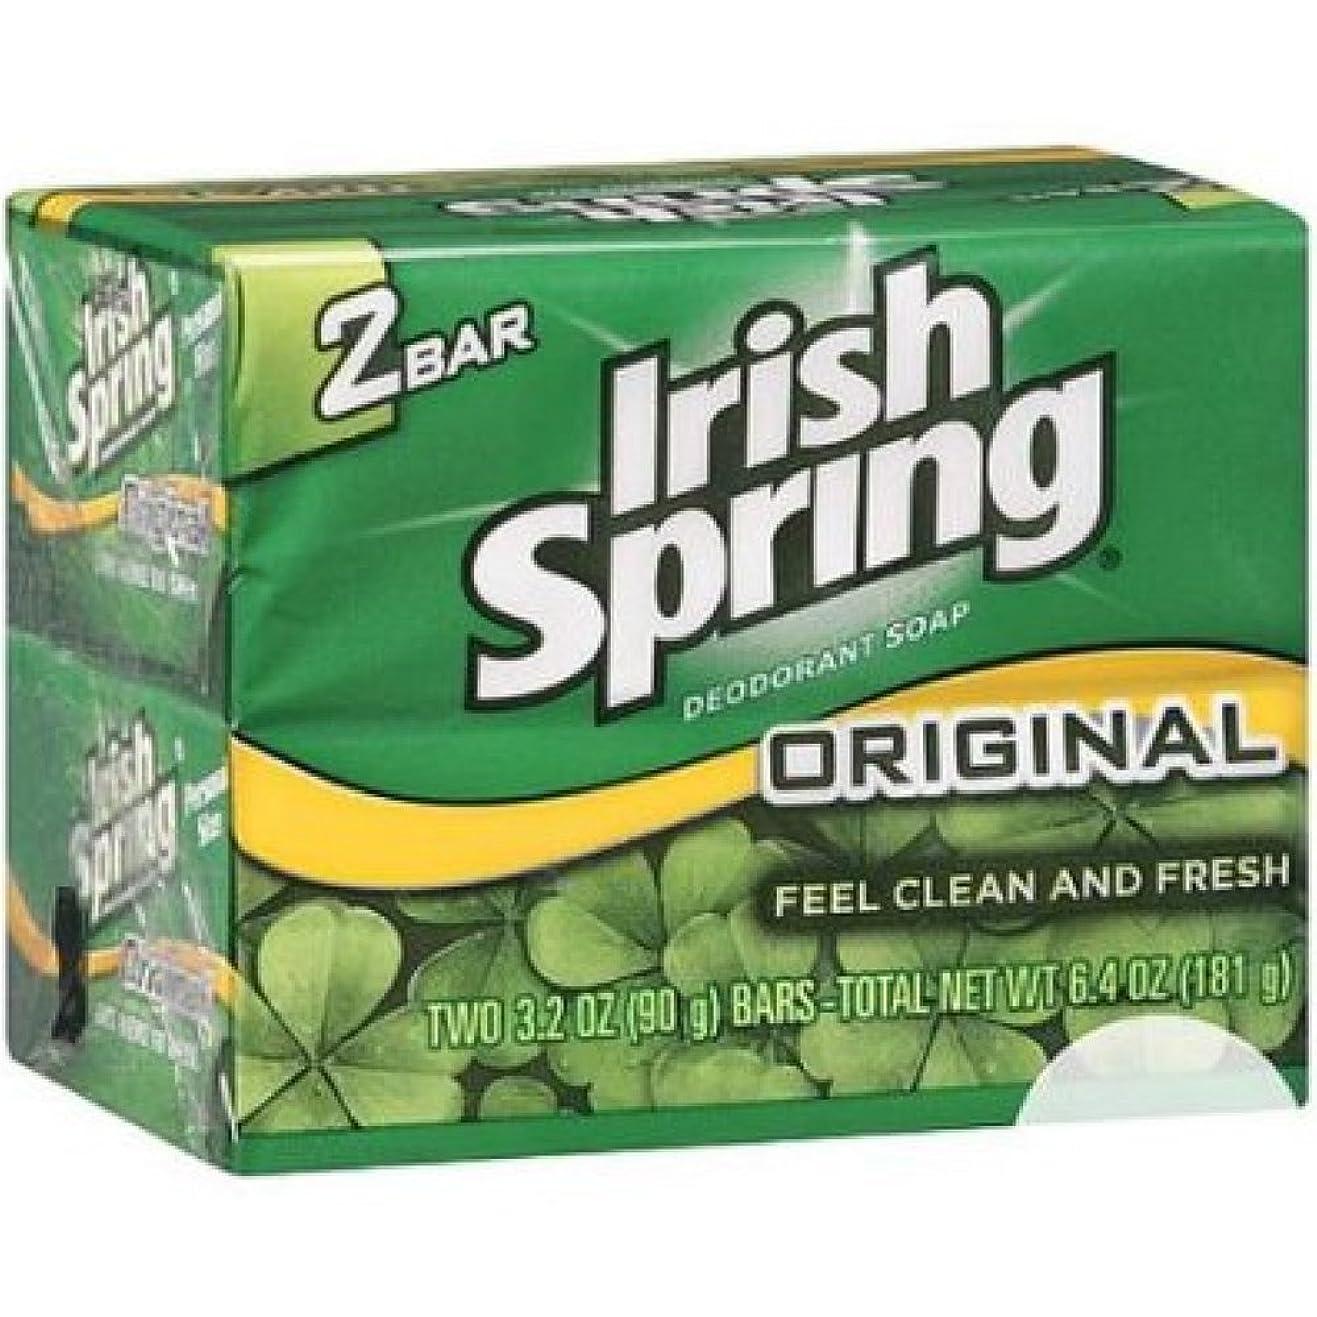 ポジション集団的オーブンIrish Spring オリジナルデオドラント石鹸、3.20オズバー、2 Eaは 8パック